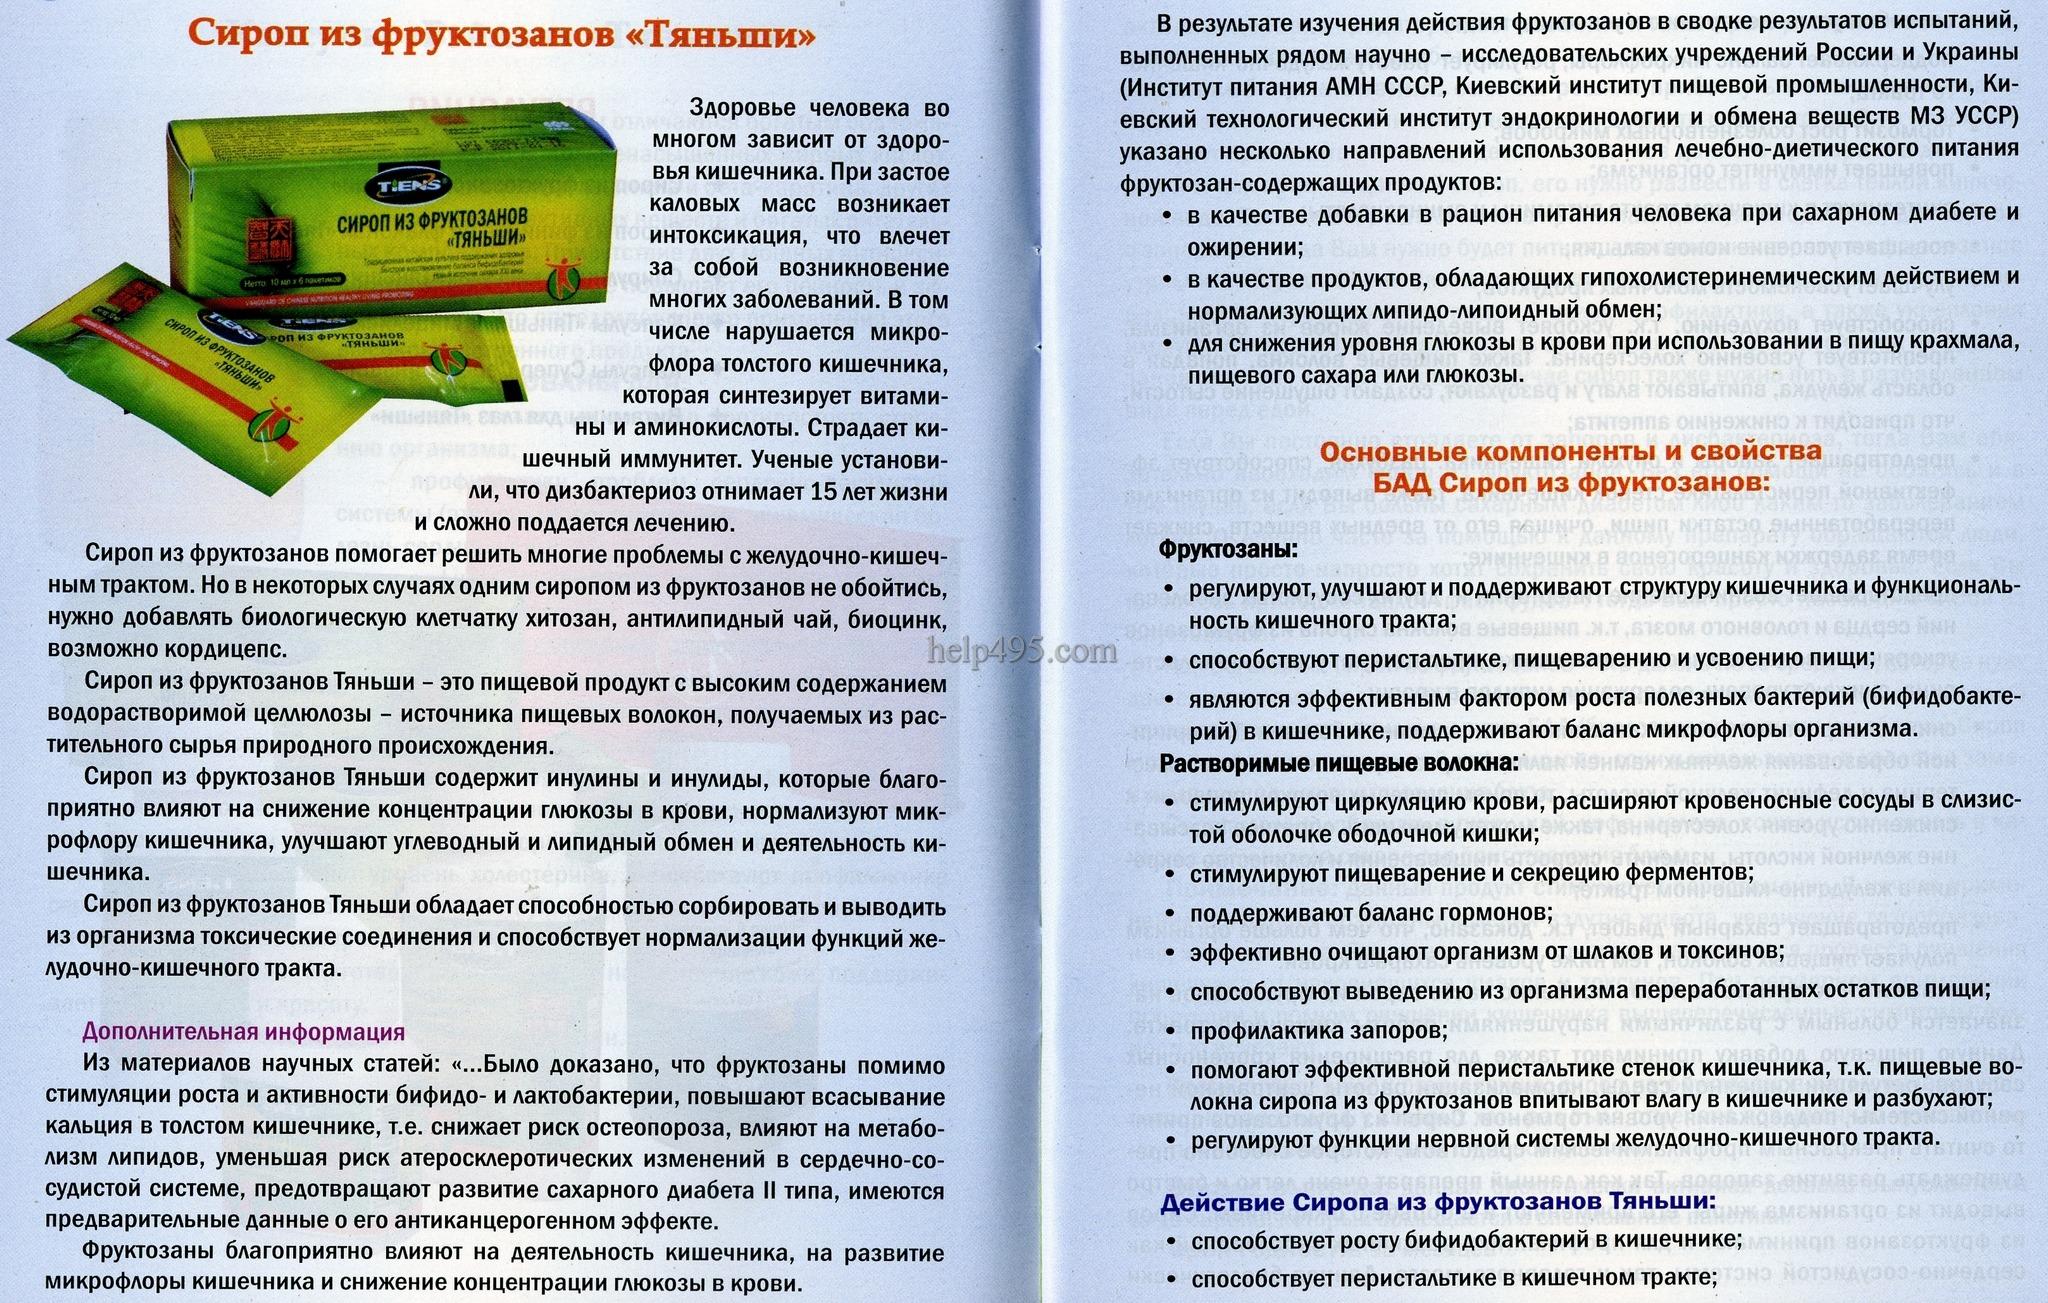 Описание  сиропа из фруктозанов